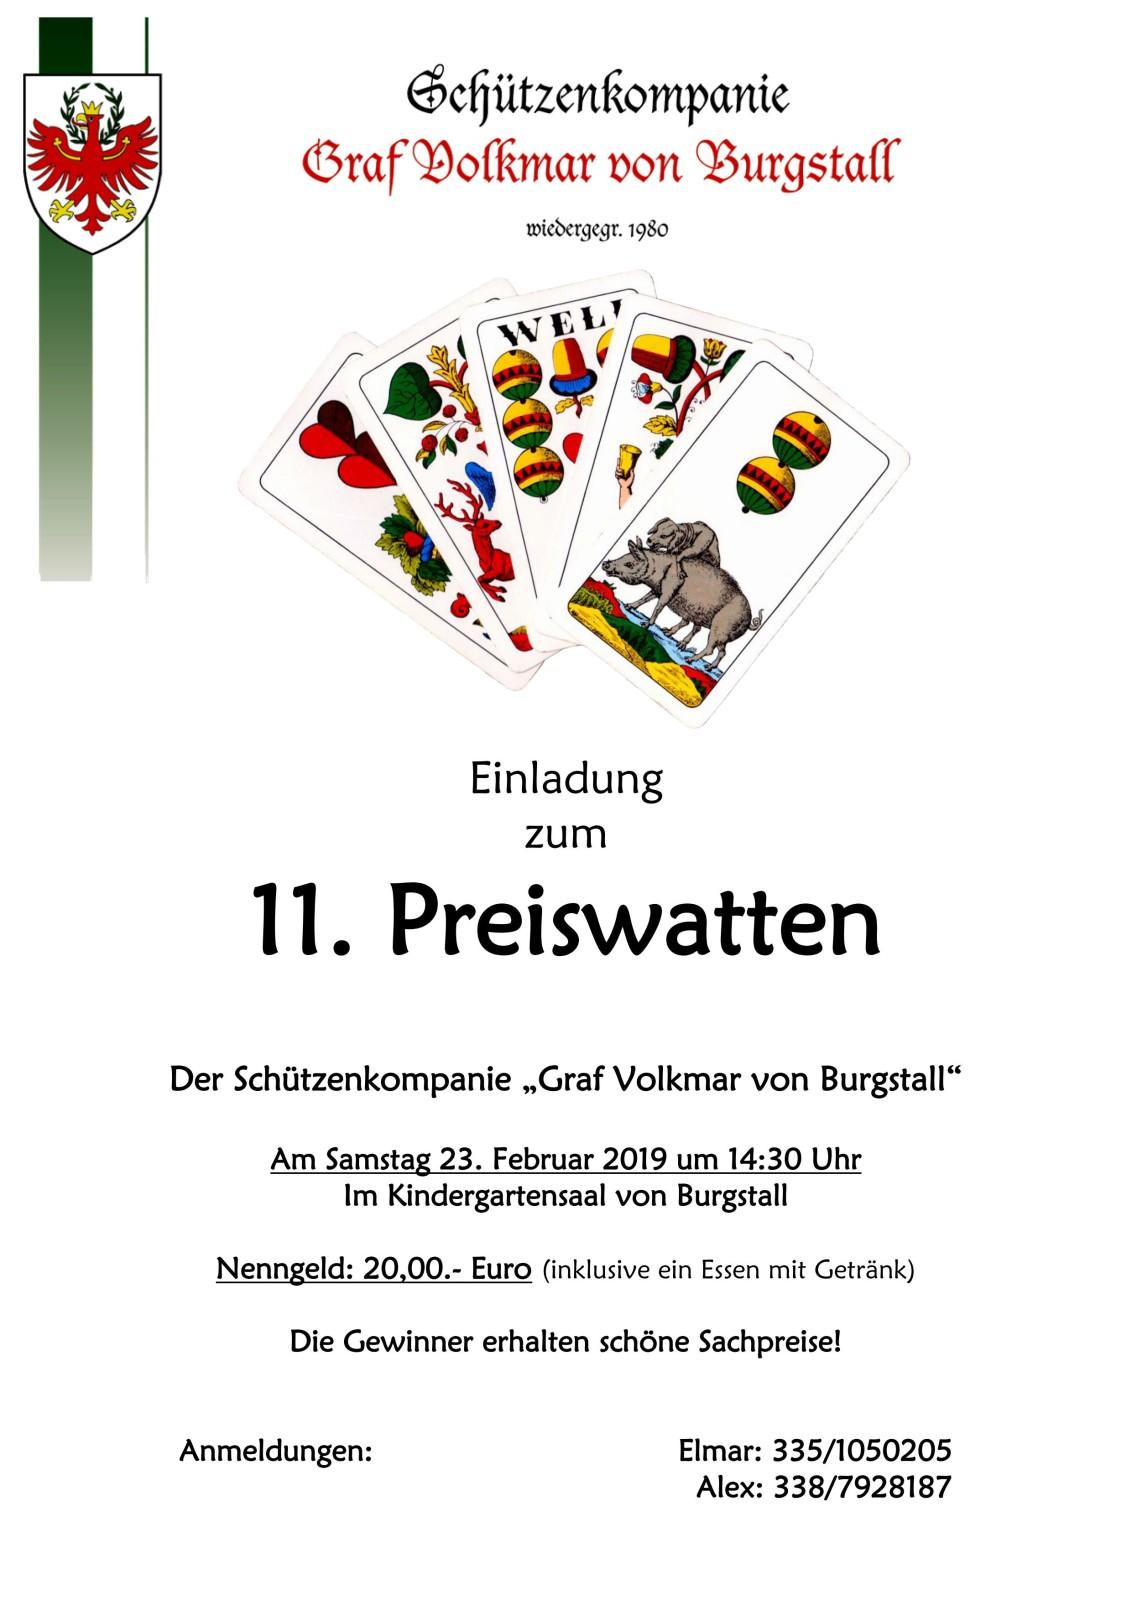 2019_Burgstall_Flyer_Preiswatten_A4_20190223